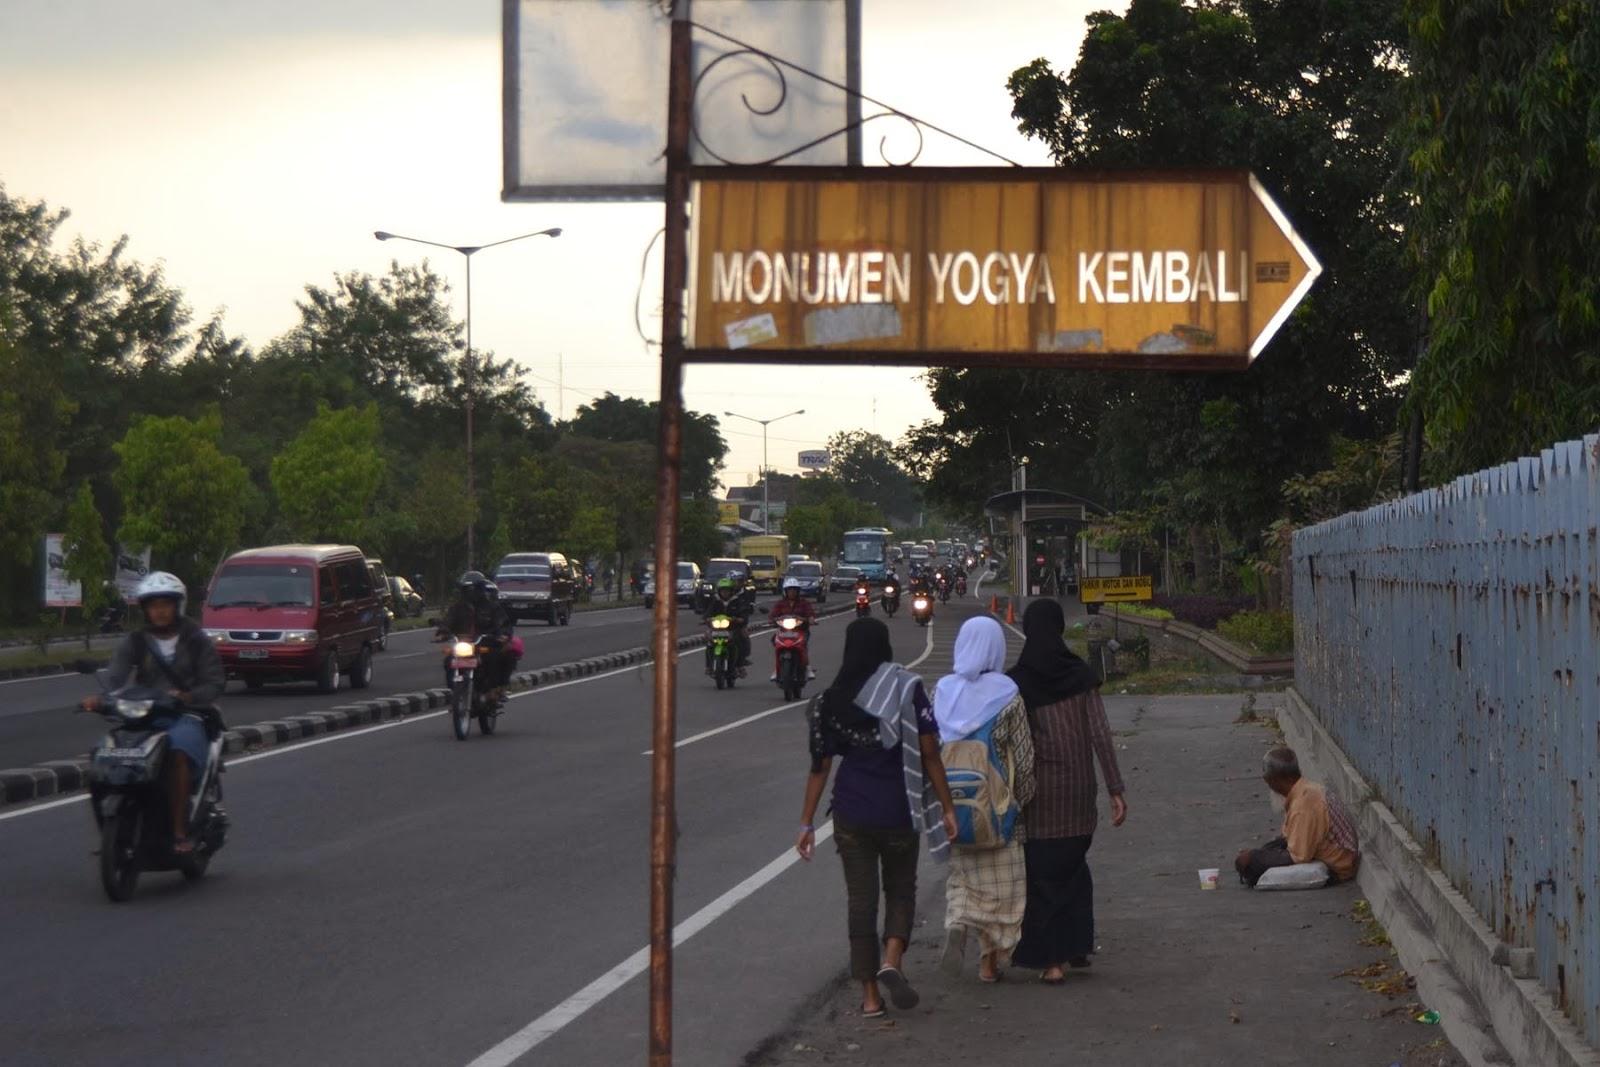 Mengenang Monumen Jogja Kembali - WONG KAMPUNG